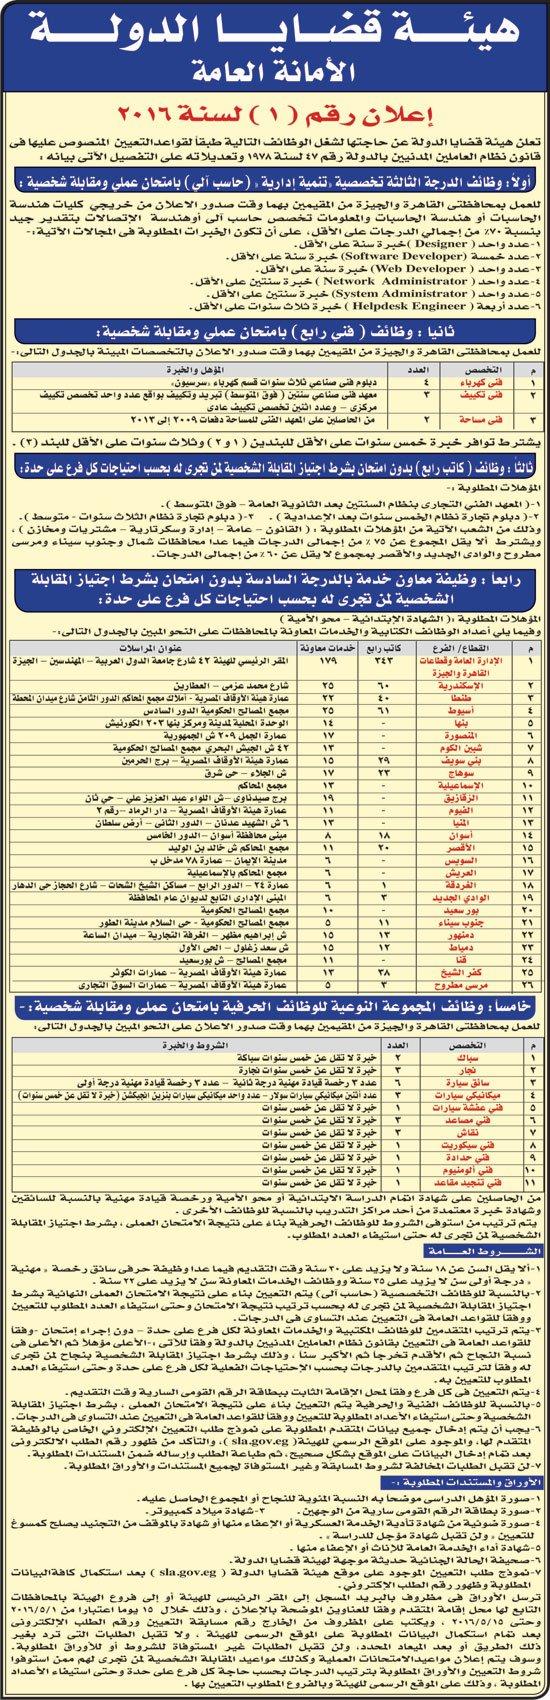 اعلان مسابقة وظائف هيئة قضايا الدولة 2016